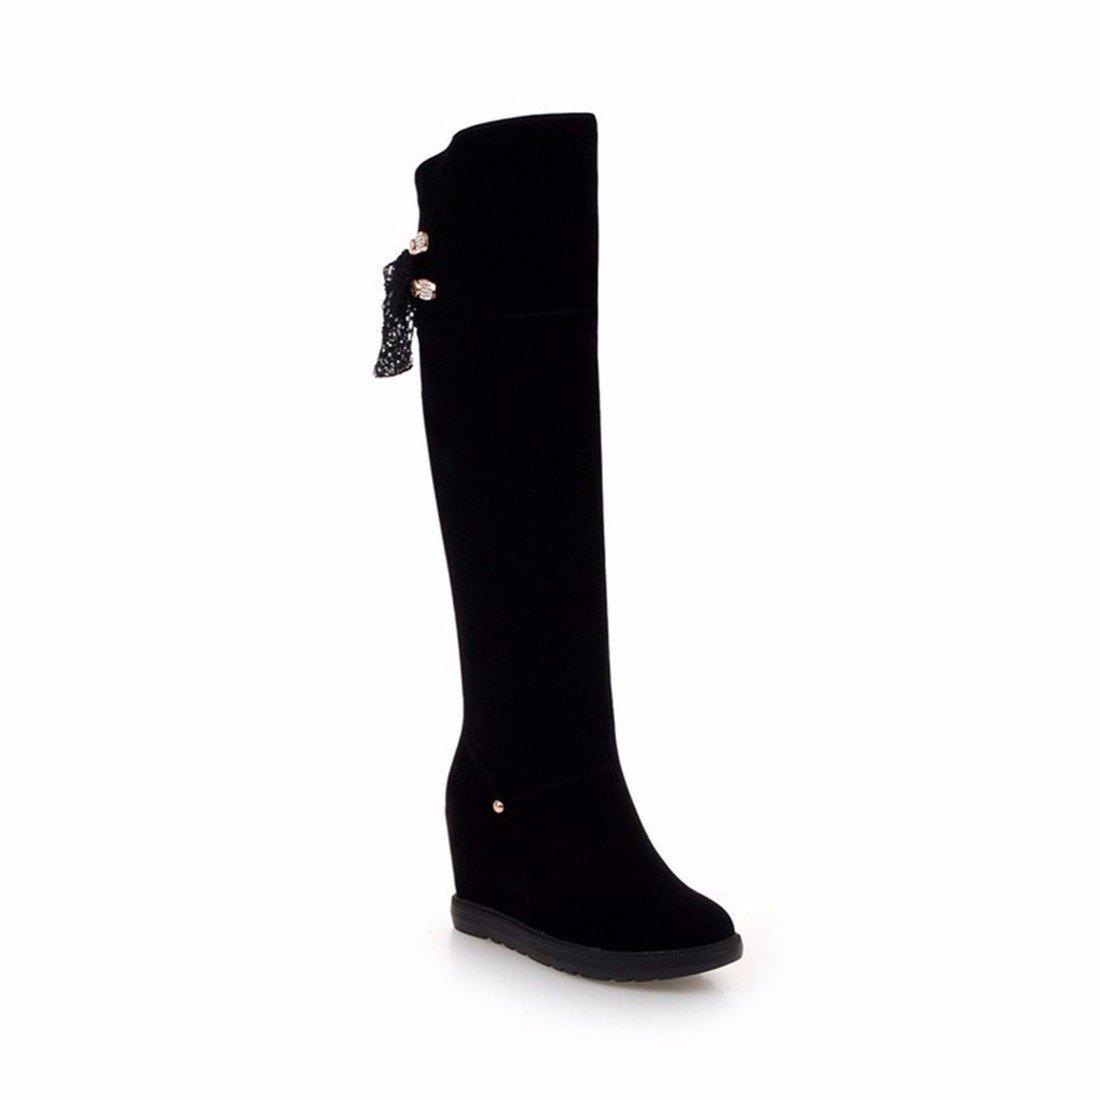 Herbst und Winter in Damens's high-heeled Stiefel Stiefel Knie ribbon erhöht